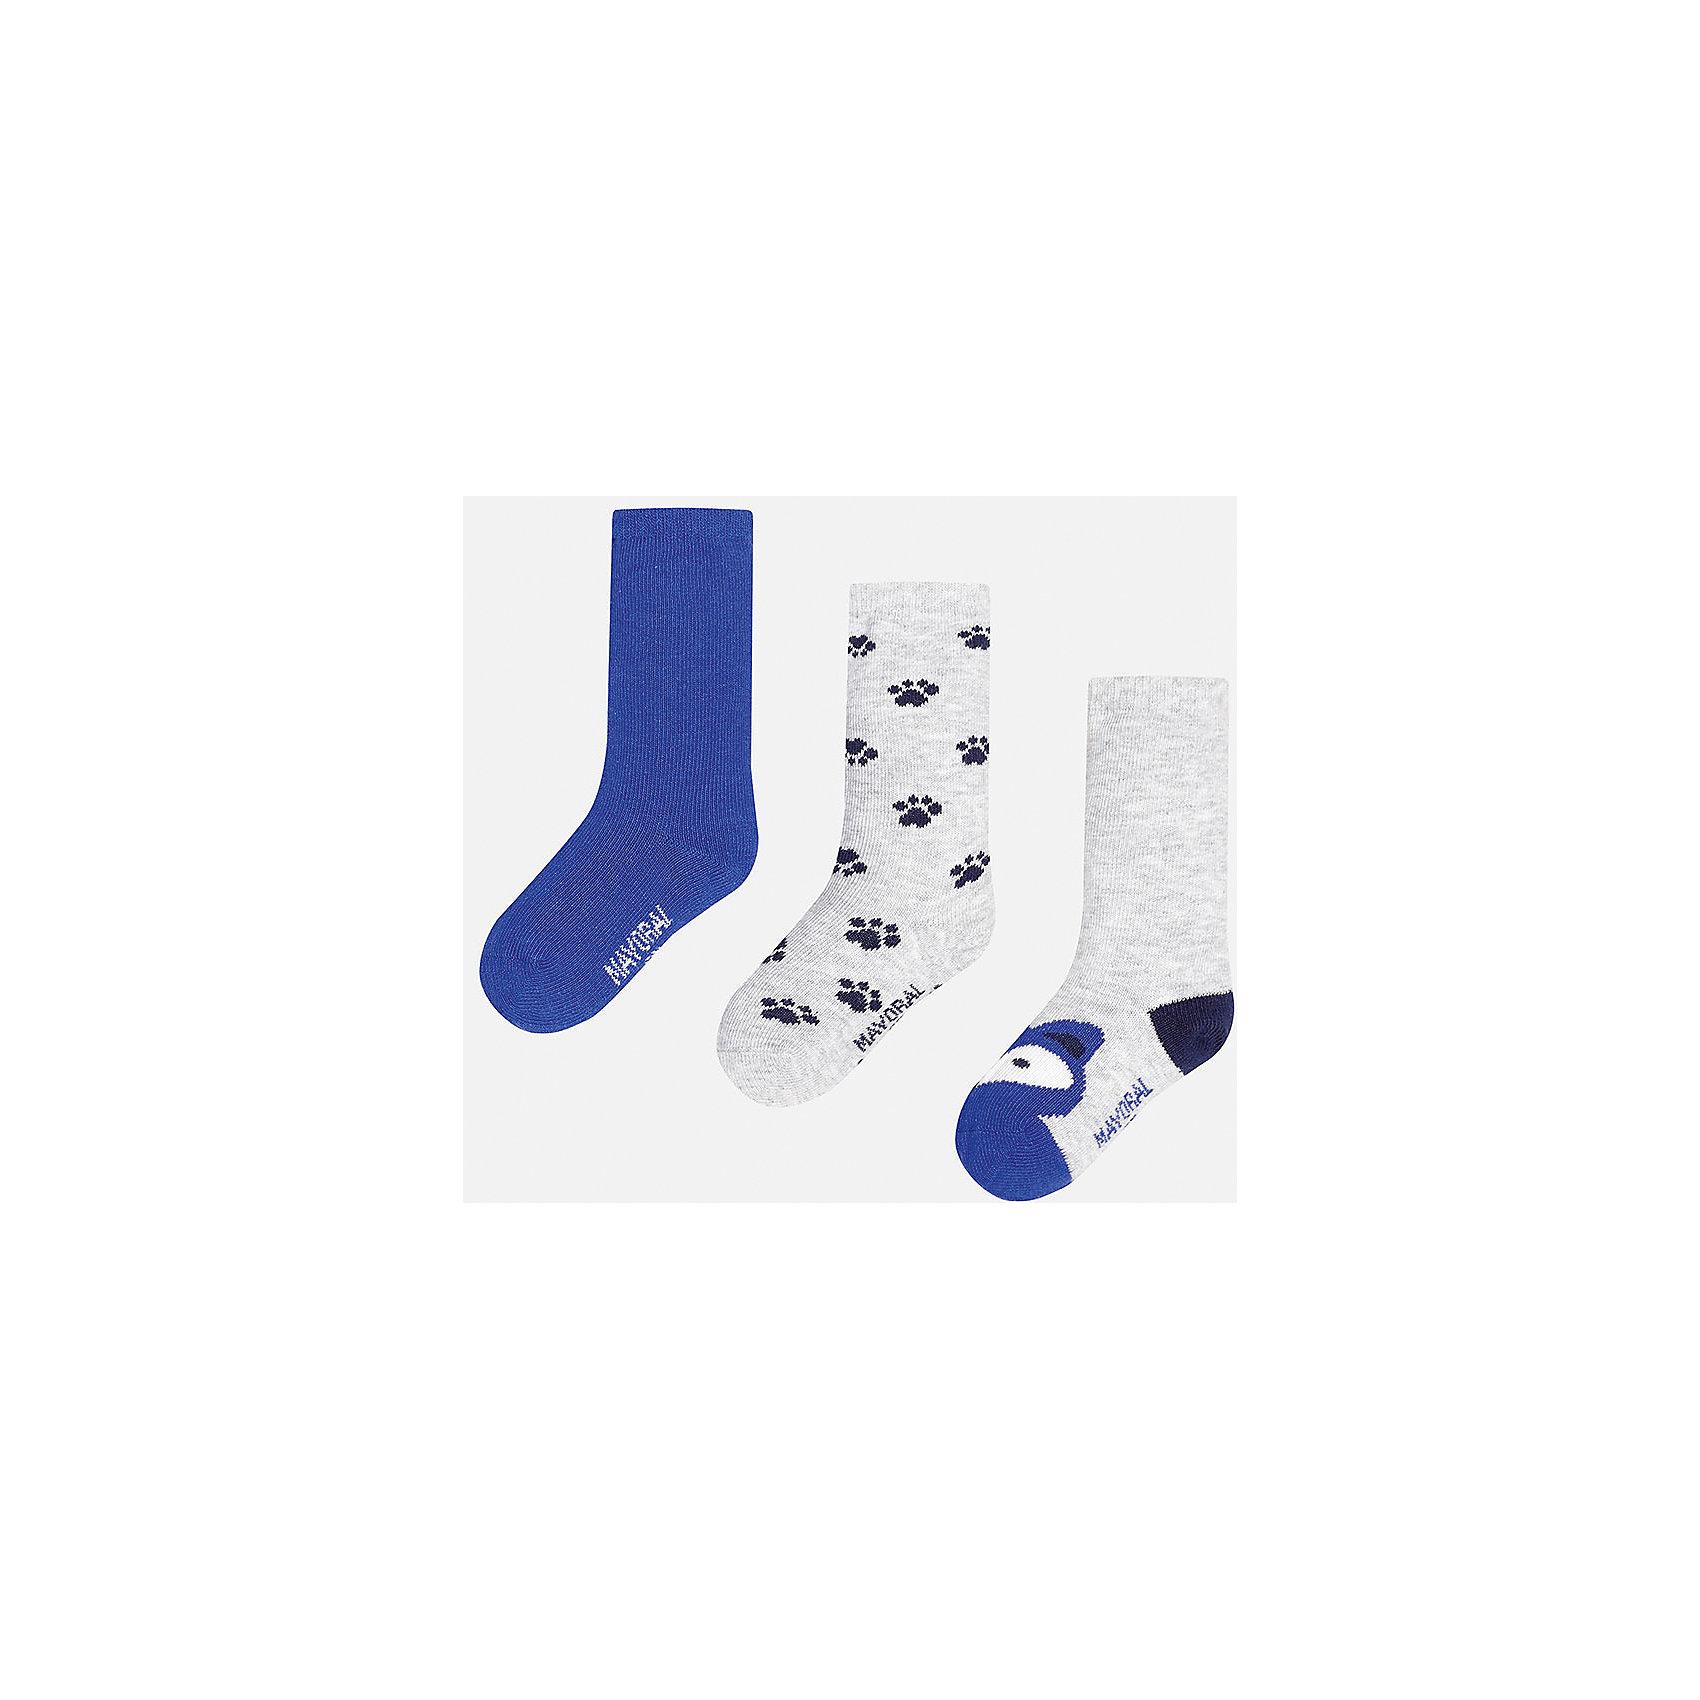 Носки для мальчика, 3 парыНабор из 3 пар носков для мальчиков от известного испанского бренда Mayoral. В комплекте носки разной расцветки: синий, серый с рисунком черные лапки, серый с темно-синей пяткой и синим носком с рисунком в виде зверюшки. Носки сделаны из специальных дышащих материалов, чтобы ноги ребенка не потели.<br>Дополнительная информация:<br>-разная расцветка<br>-состав: 72% хлопок, 25% полиамид, 3% эластан<br>Комплект носков Mayoral можно приобрести в нашем интернет-магазине.<br><br>Ширина мм: 87<br>Глубина мм: 10<br>Высота мм: 105<br>Вес г: 115<br>Цвет: фиолетовый<br>Возраст от месяцев: 18<br>Возраст до месяцев: 24<br>Пол: Мужской<br>Возраст: Детский<br>Размер: 2,1<br>SKU: 4820044